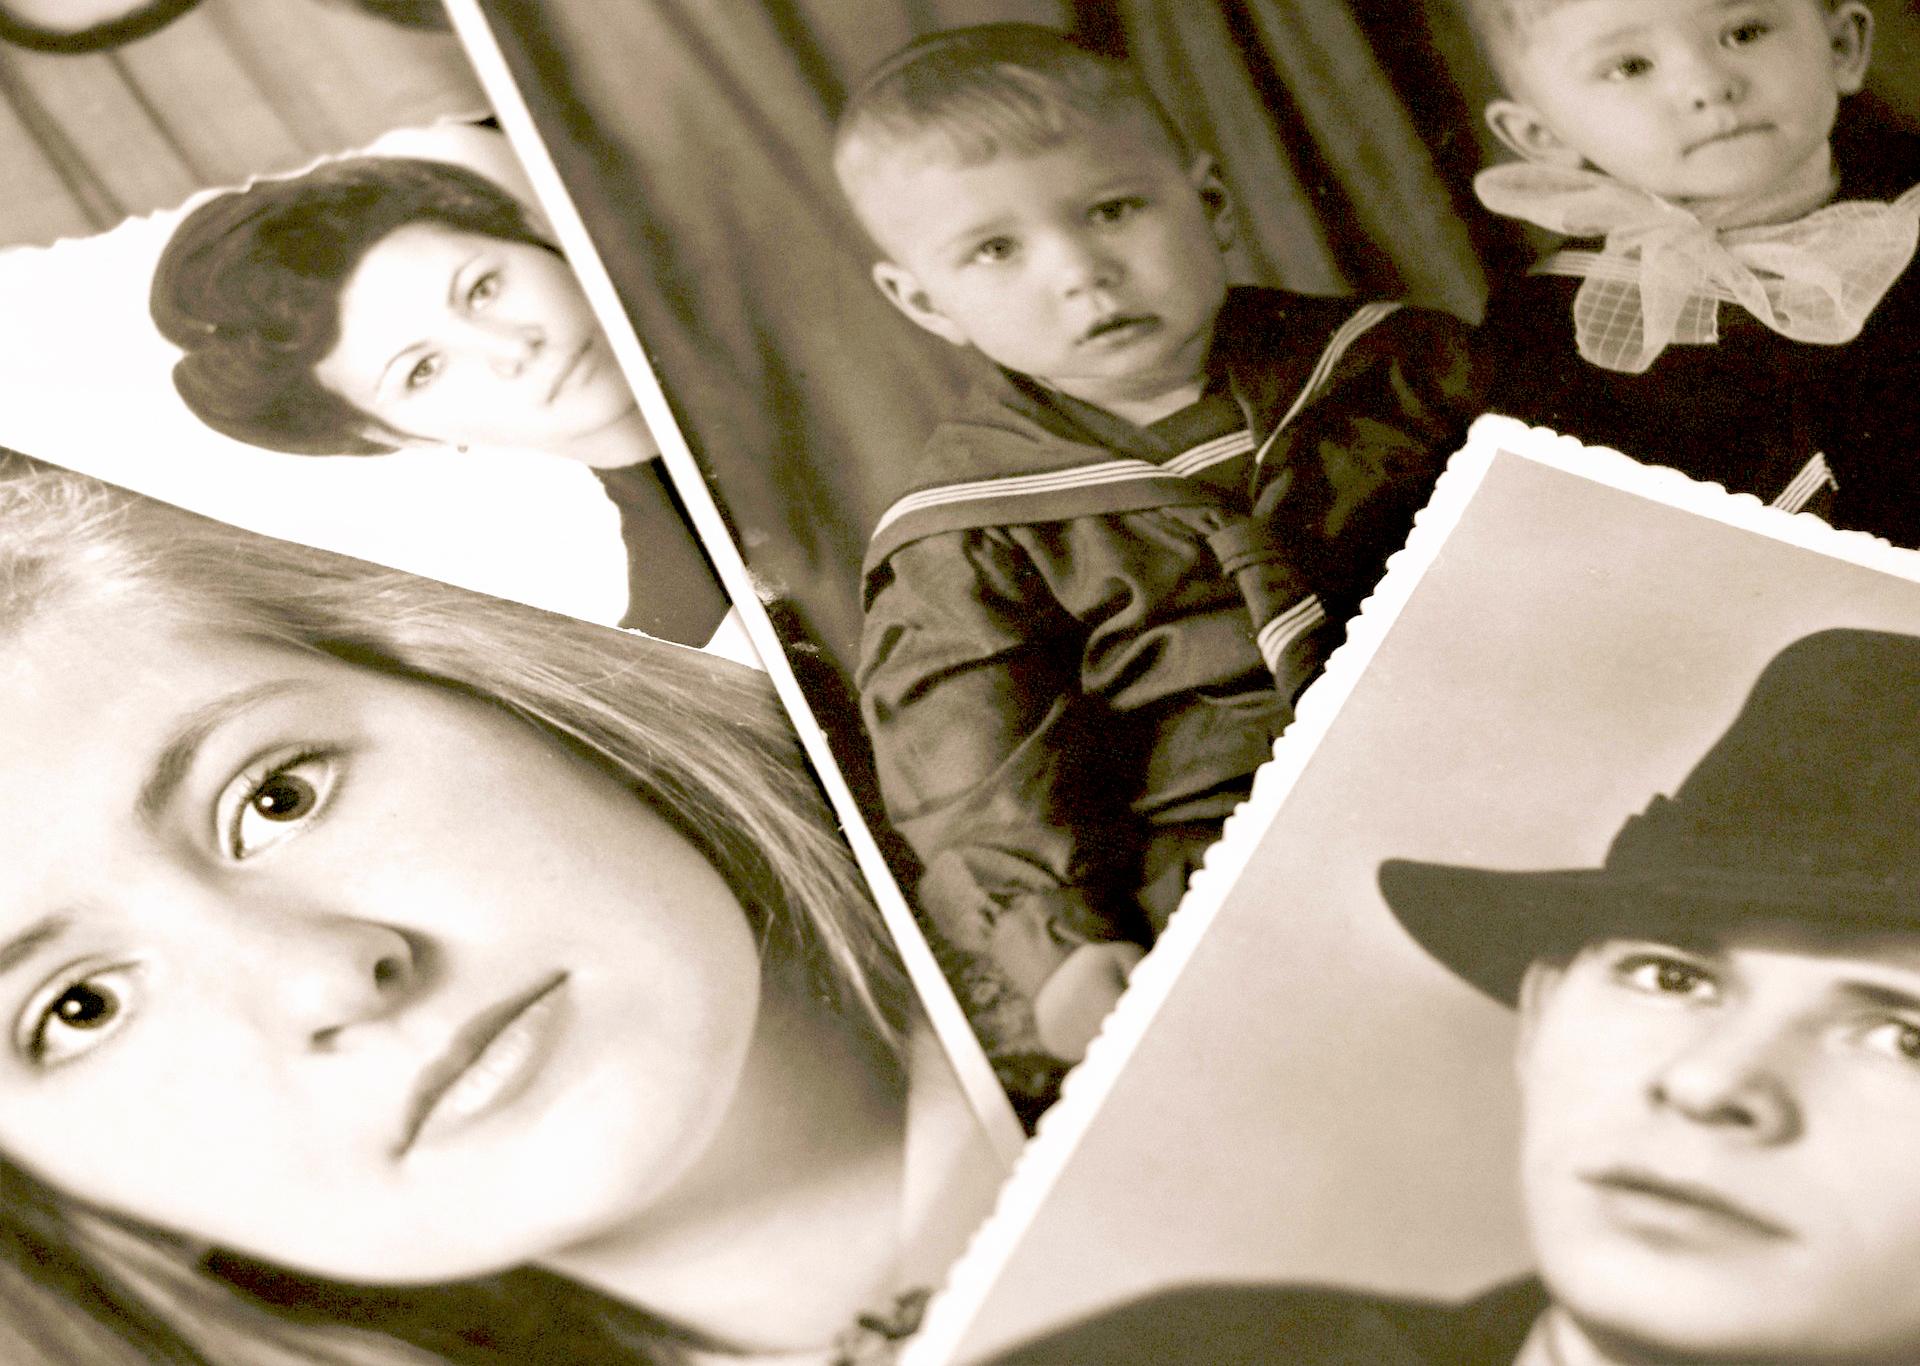 Sucht als Schicksal von Generationen: aus der Perspektive der Familienaufstellung